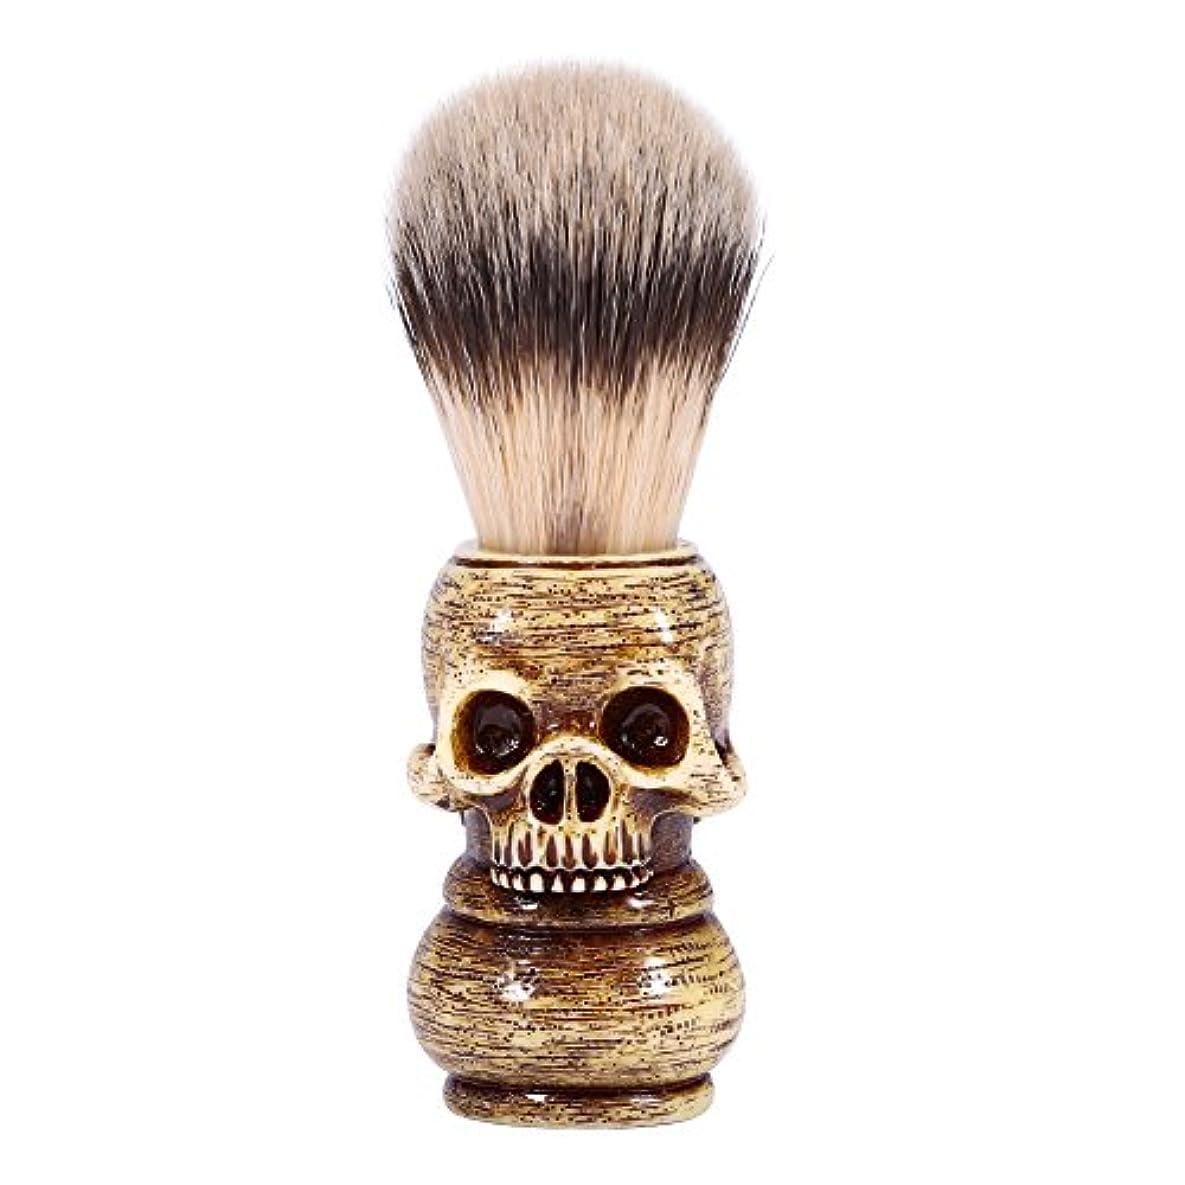 チューブスペクトラムセンブランスシェービングブラシ メンズ グルーミングツール メイクアップ サロン ビアードシェービングブラシ ひげ 洗顔 髭剃り 男性 ギフト理容